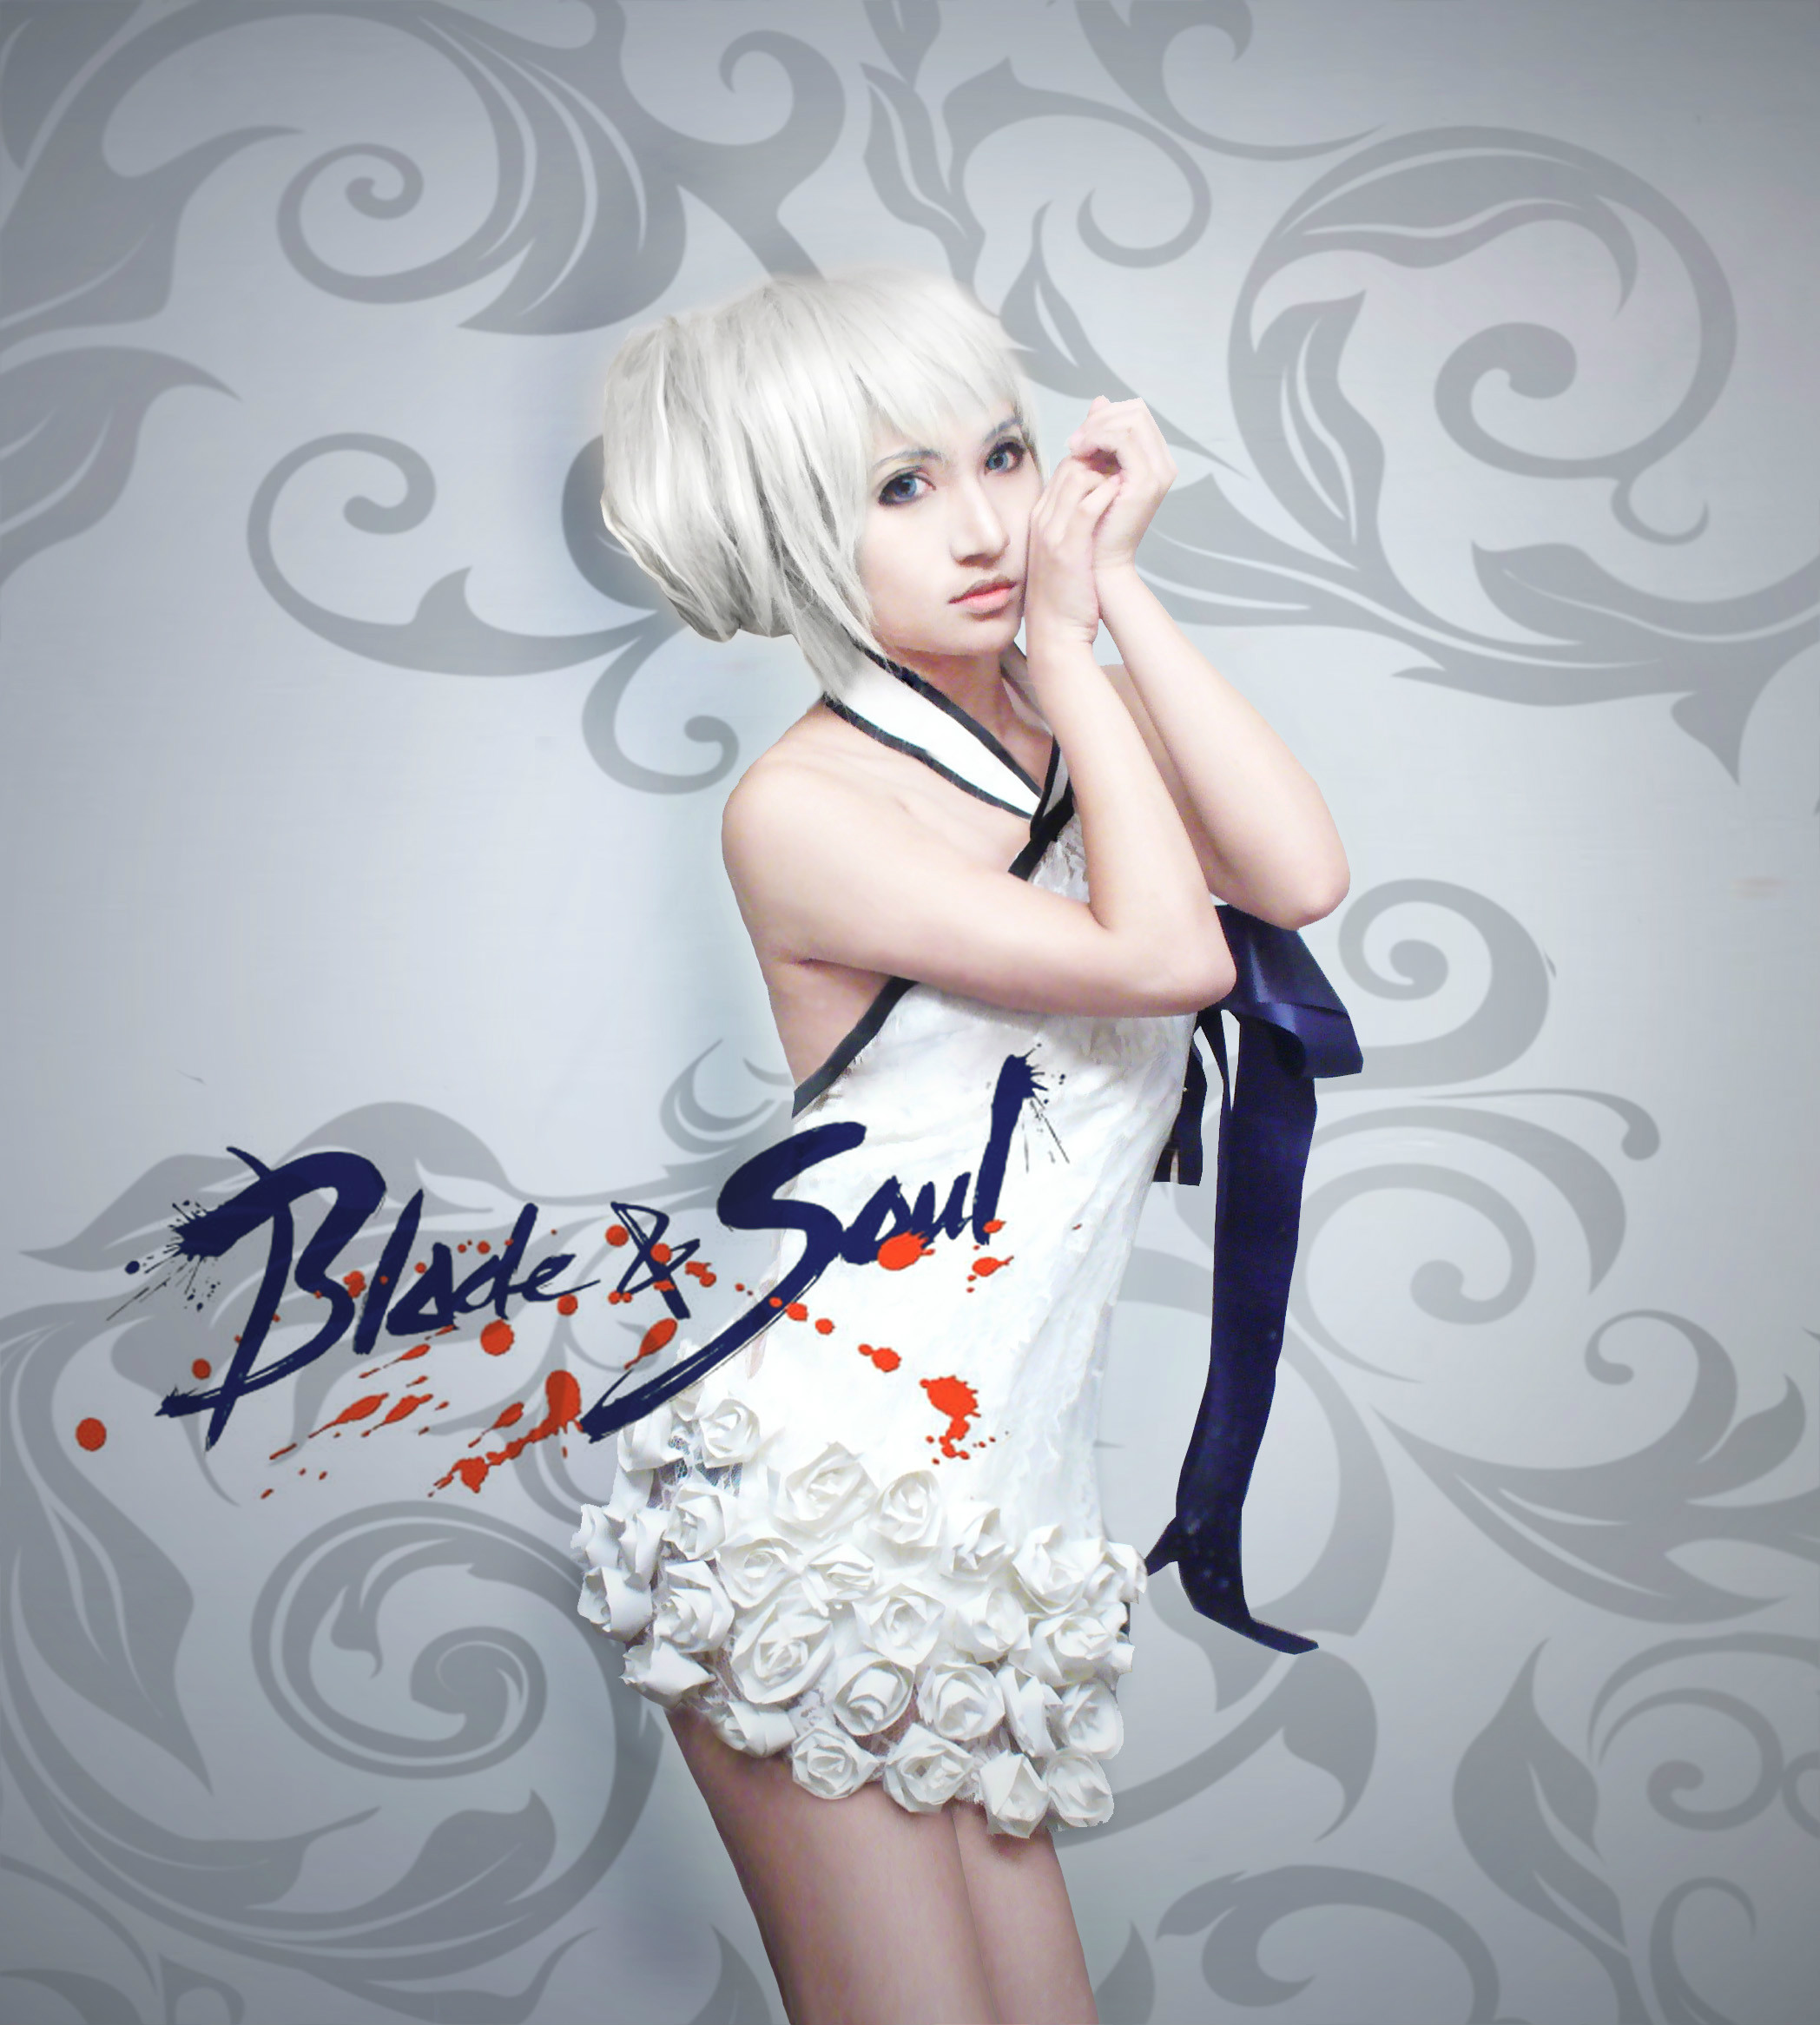 Blade & Soul: Thêm một bộ ảnh cosplay tuyệt đẹp! - Ảnh 5